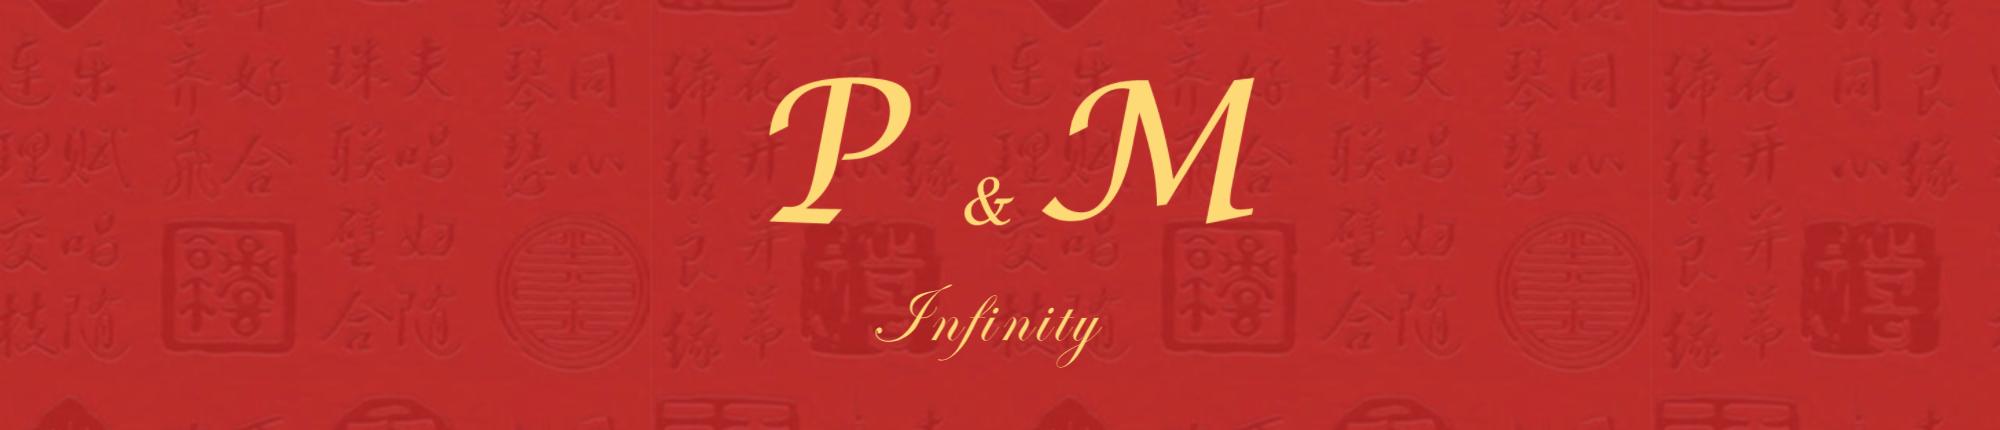 PM Infinity